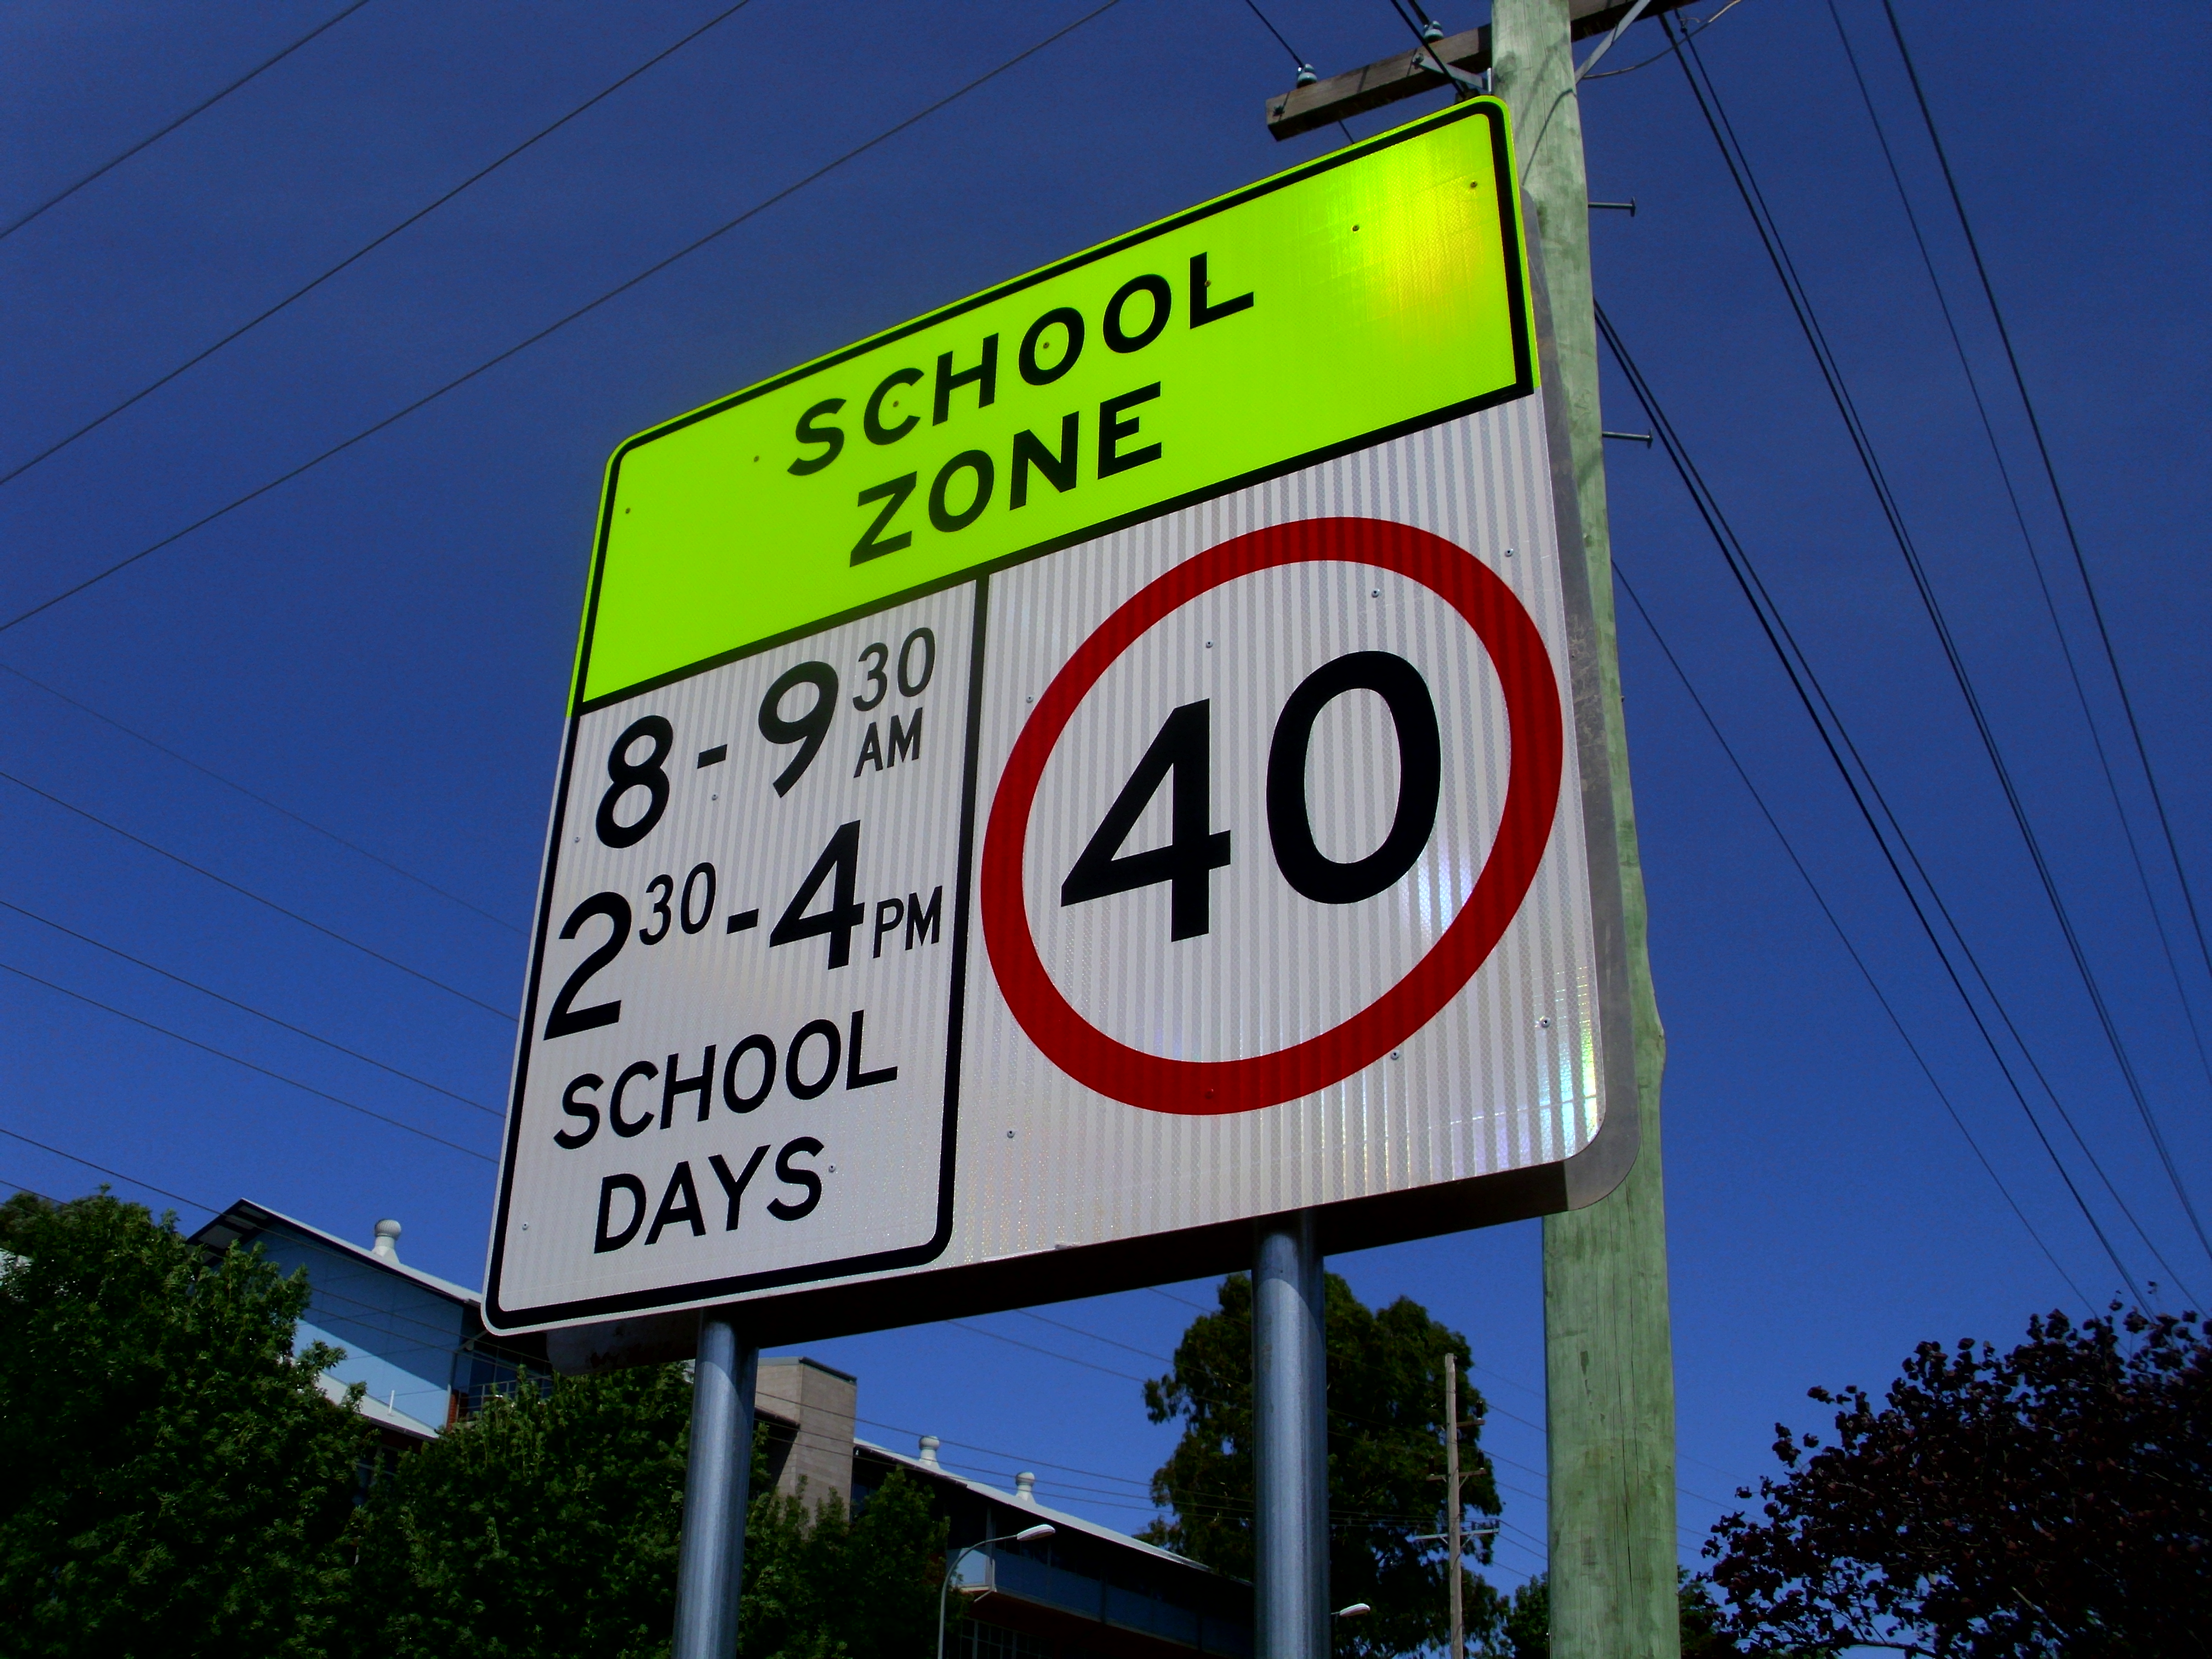 Citaten School Zone : File new fluorescent school zone sign g wikimedia commons